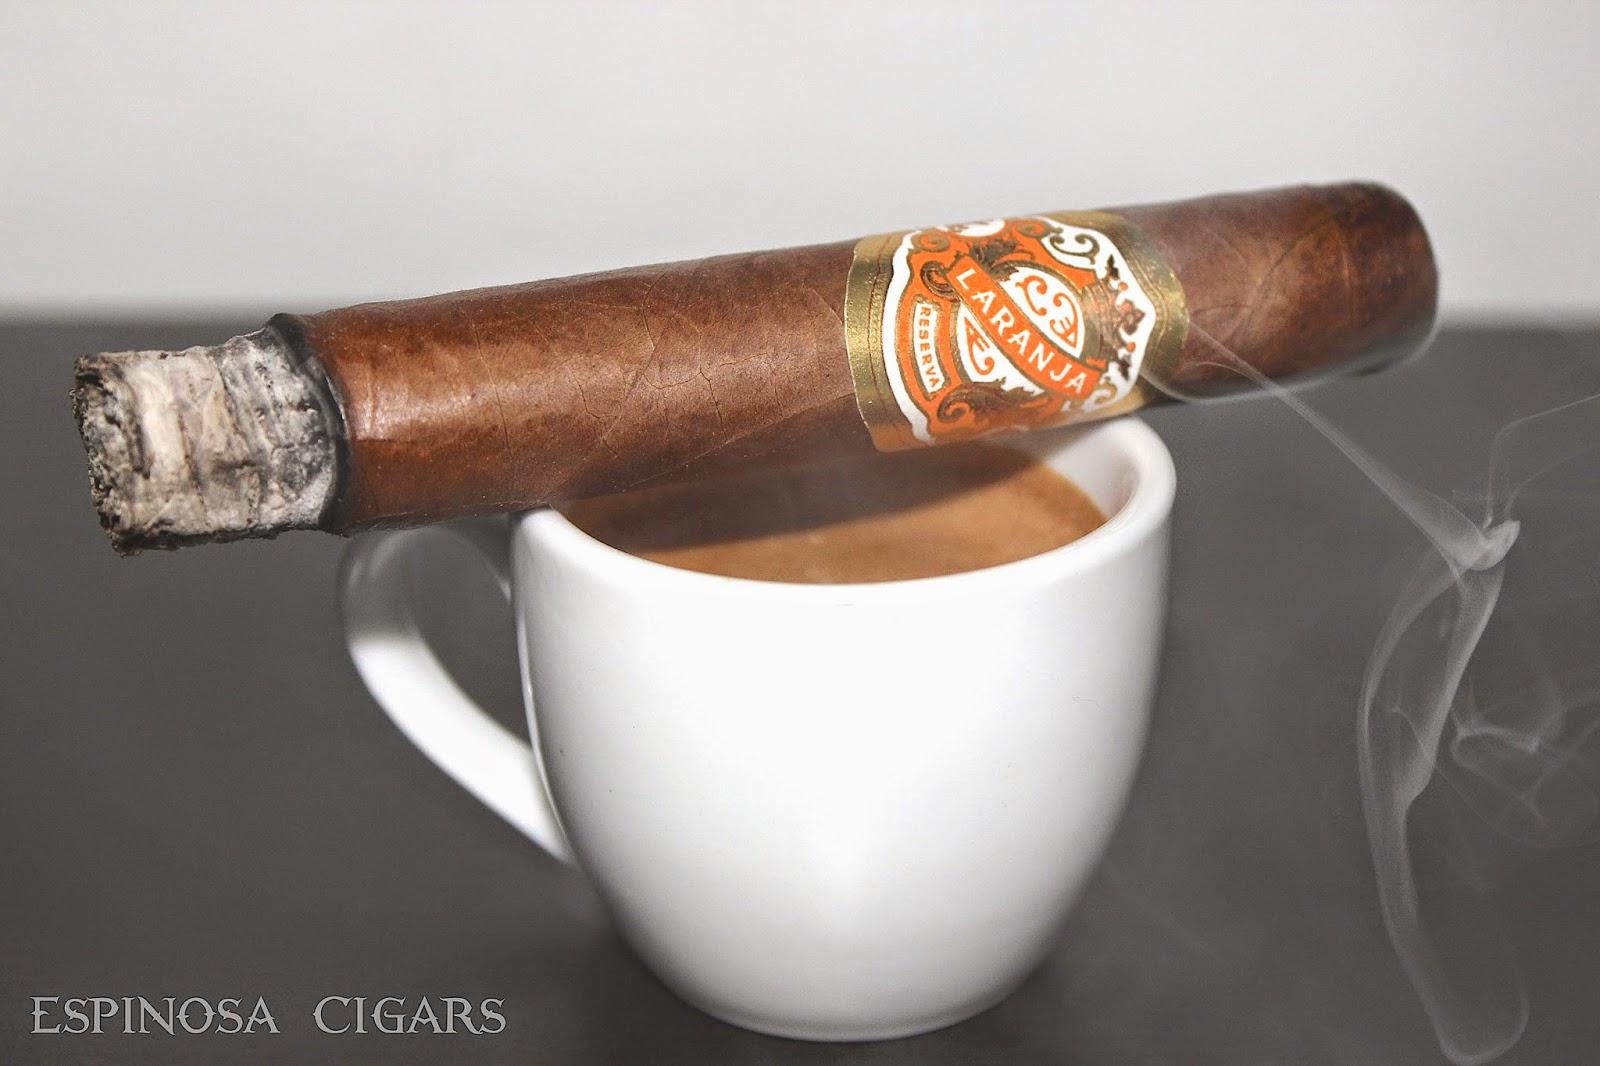 LARANJA RESERVA BY ESPINOSA CIGARS REVIEW - The Cigar King BlogThe ...